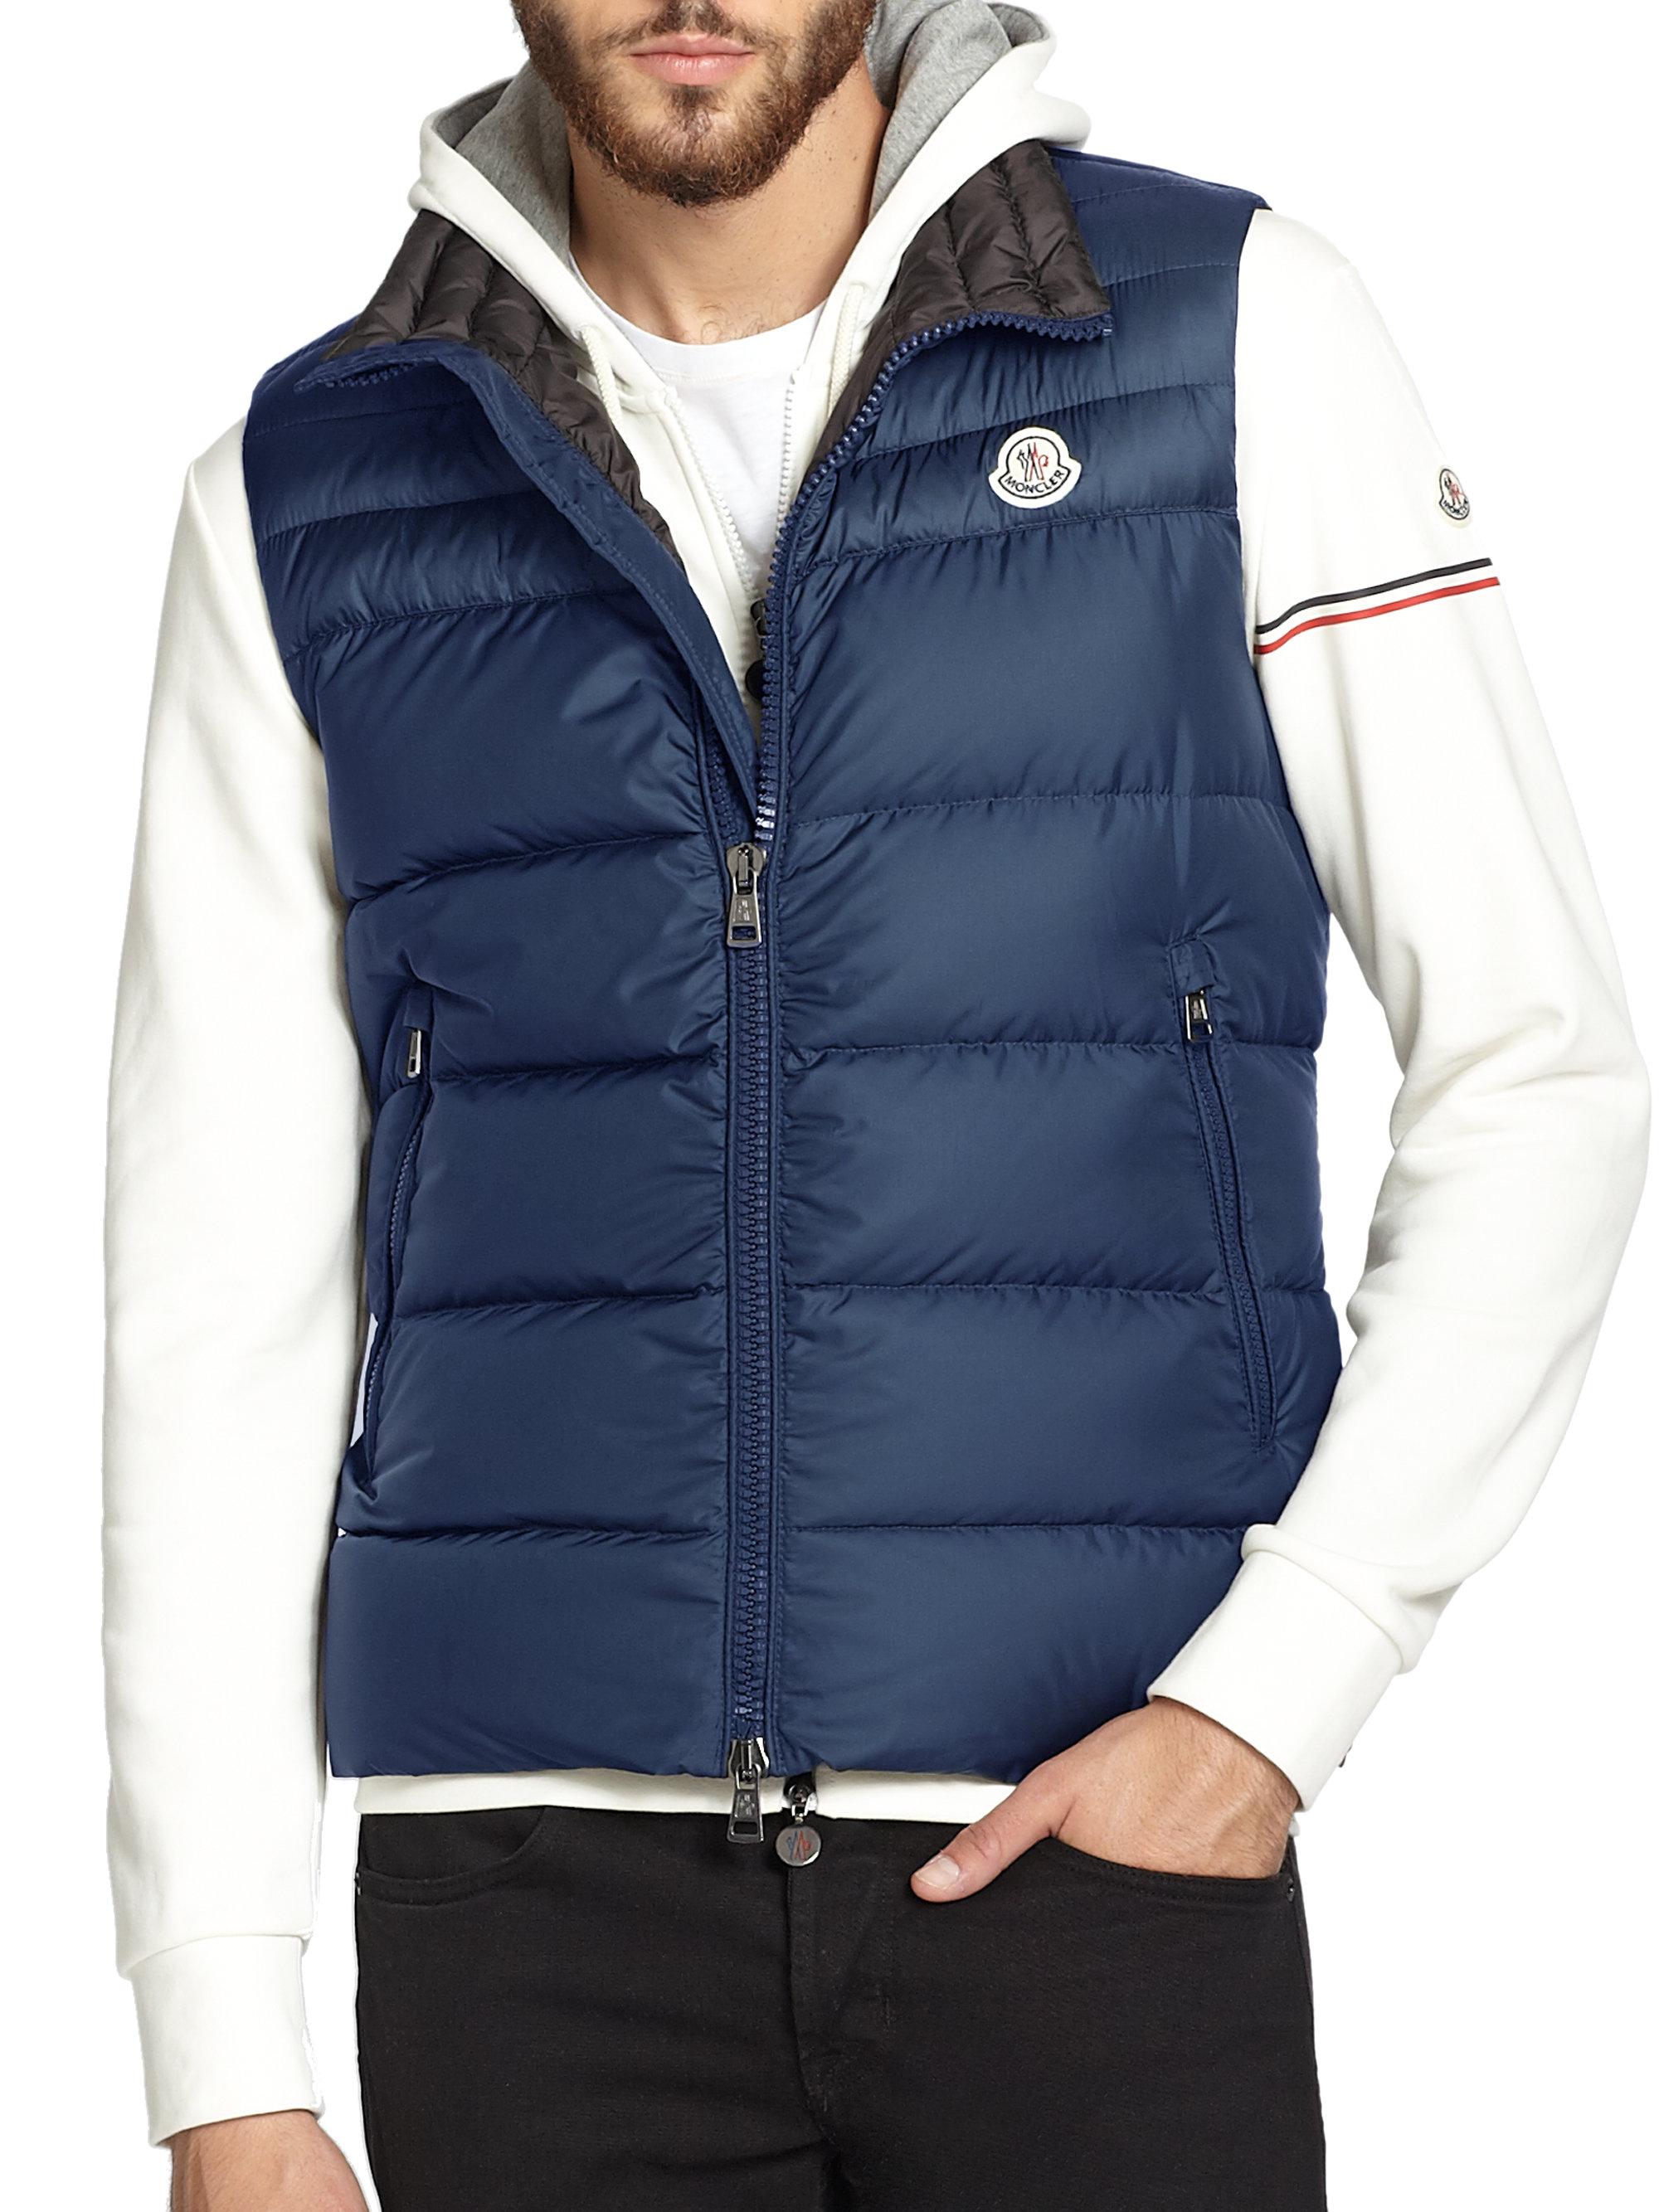 Wholesale Puffer Vest